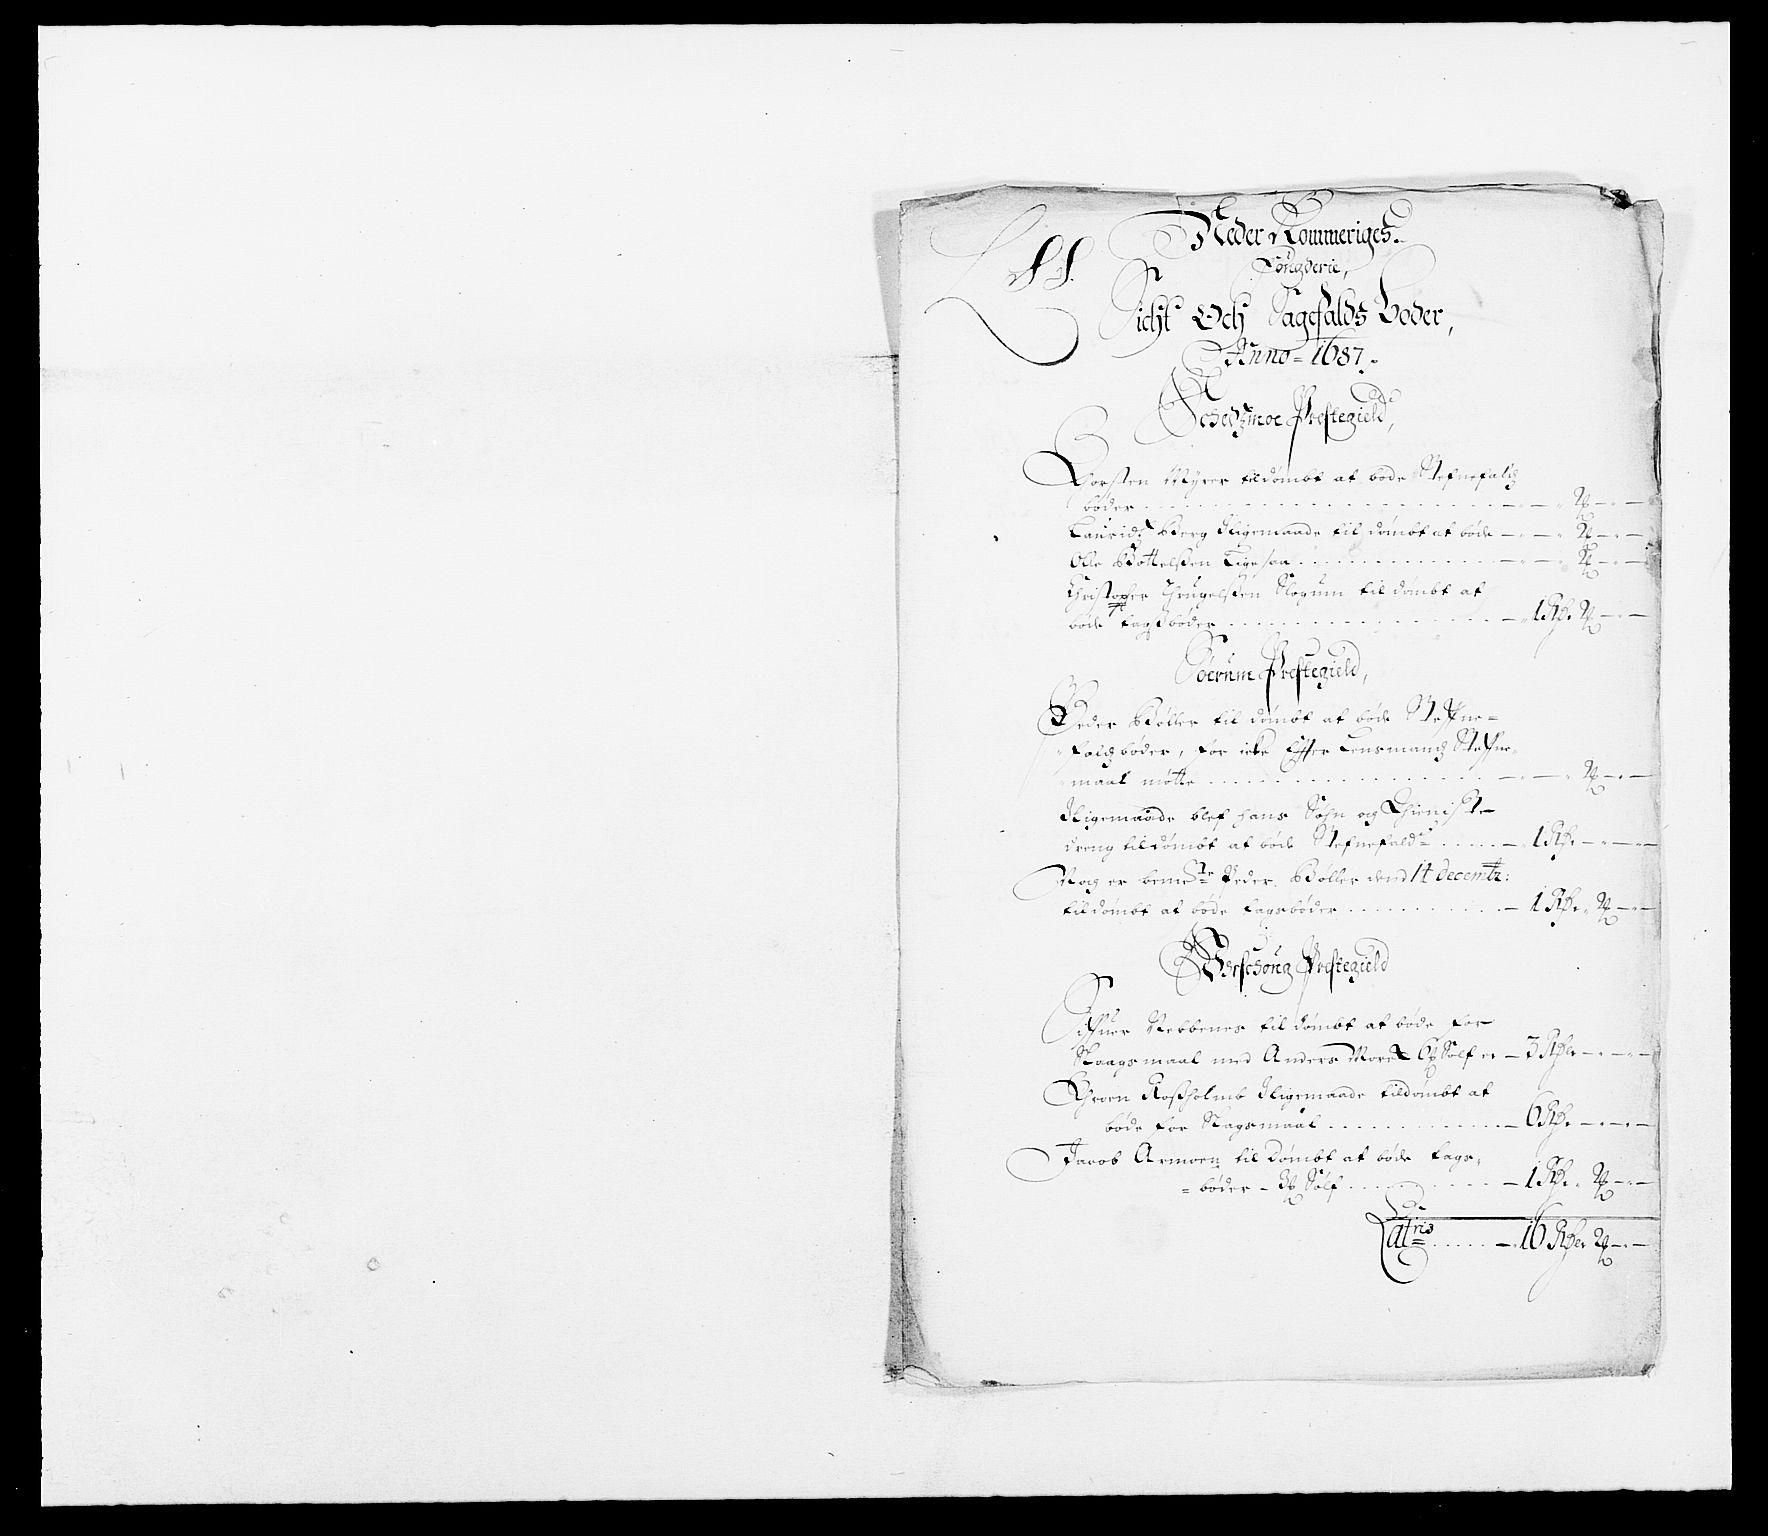 RA, Rentekammeret inntil 1814, Reviderte regnskaper, Fogderegnskap, R11/L0572: Fogderegnskap Nedre Romerike, 1686-1687, s. 224